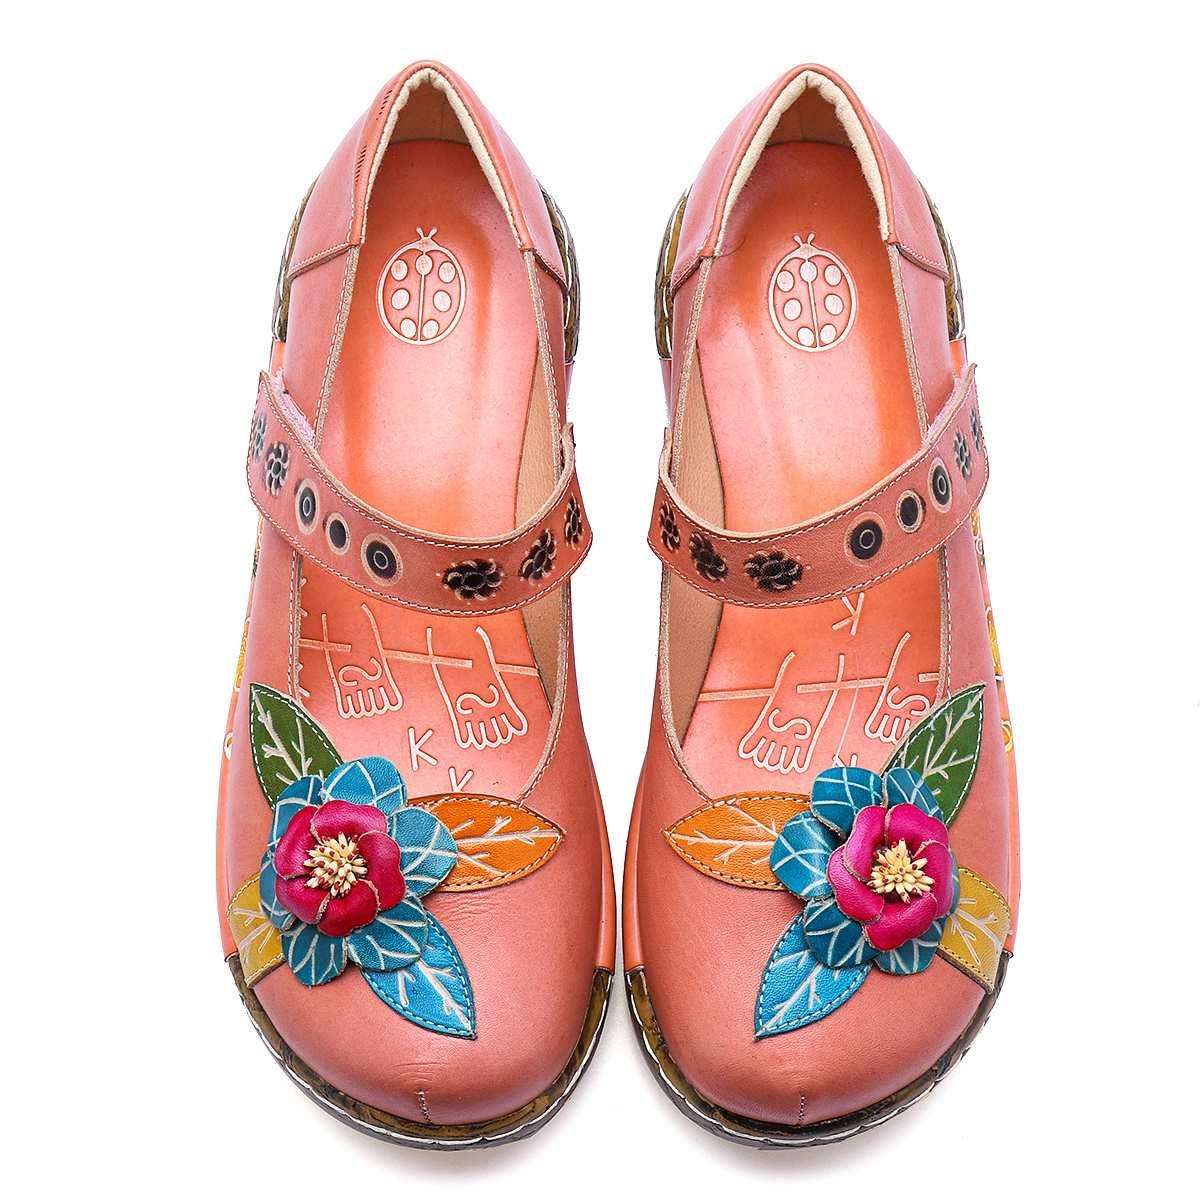 Heiße Verkauf-Weinlese Art-Frauen-flache Schuhe Frauen-Frühlings-Sommer Socofy echtes Leder-Plattform-beiläufige Schuhe handgemachte Blume neu